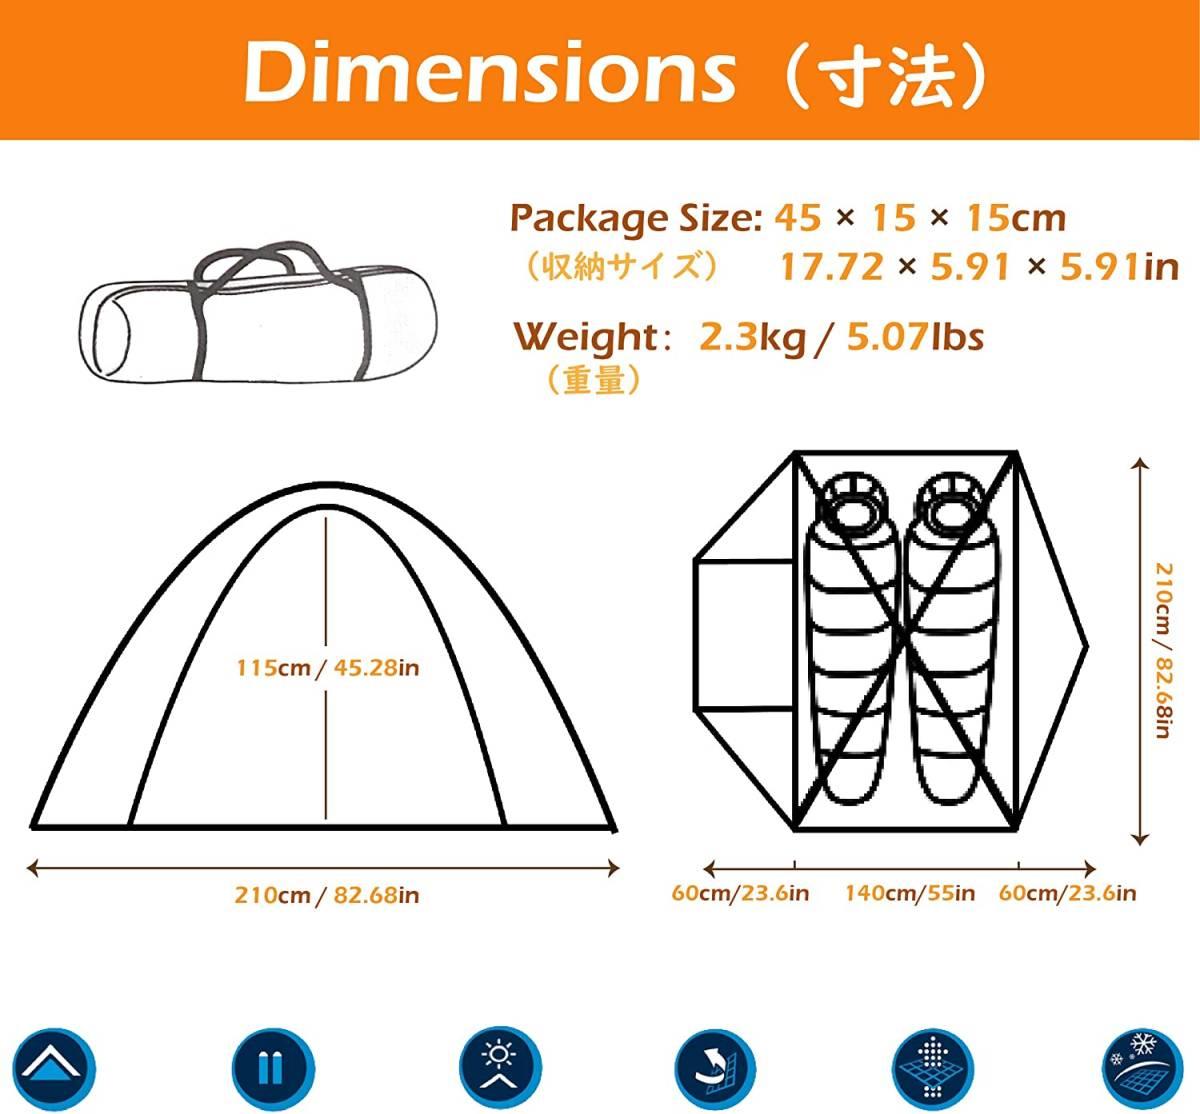 グラスグリーン 2人用 テント 軽量 コンパクト 設営簡単 初心者 キャンプ ツーリング 二重層 防災 ソロ 1人用 避難